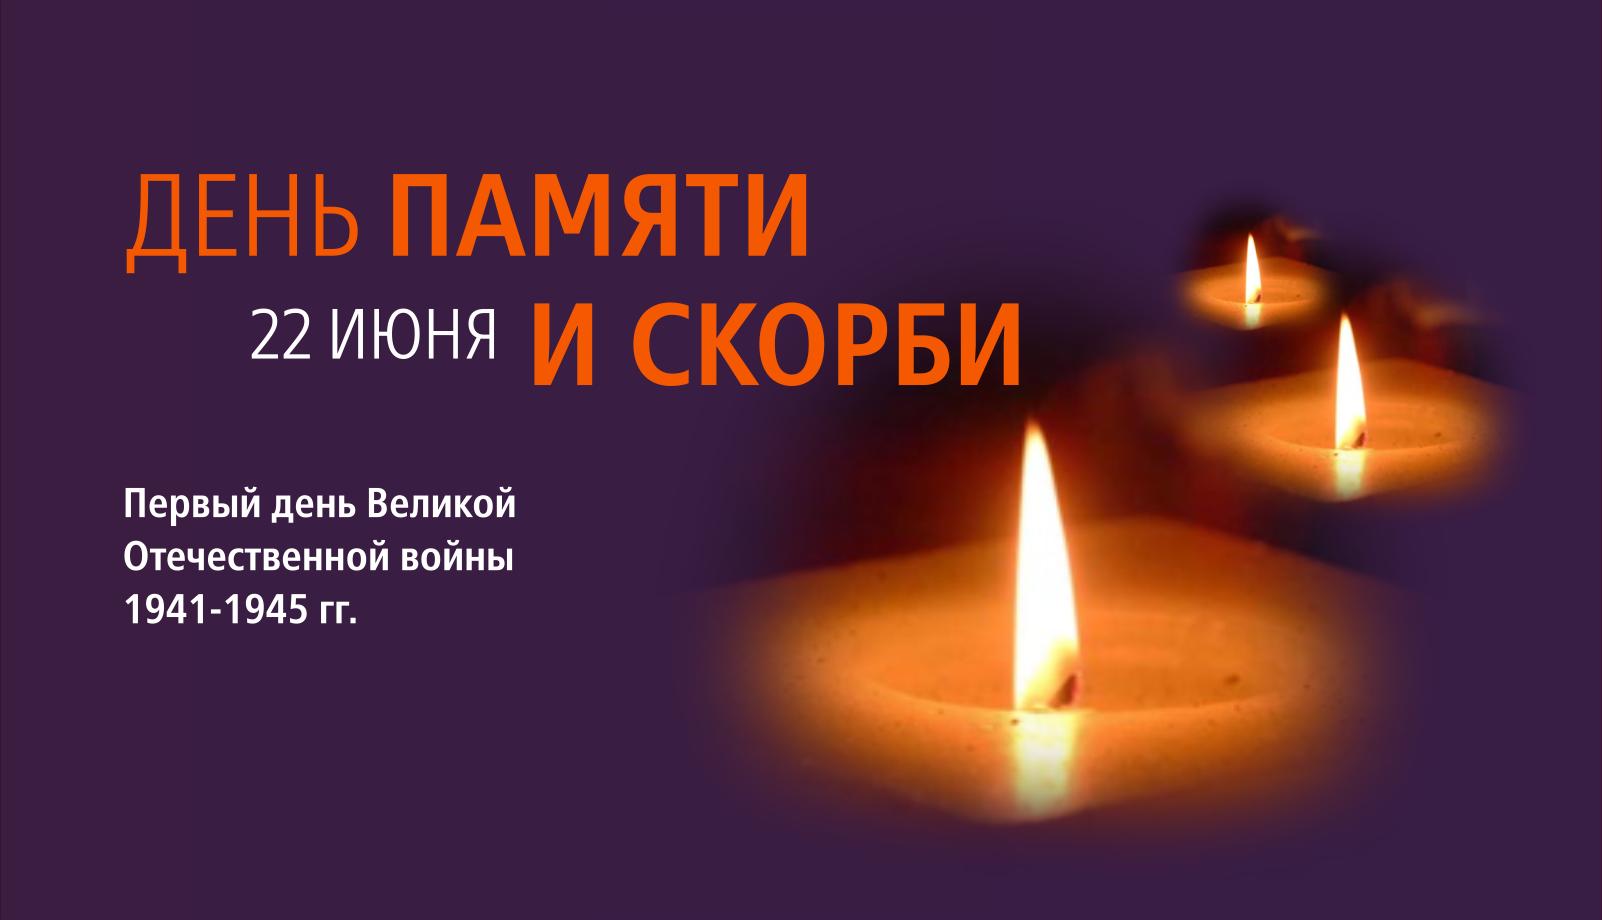 22 июня День памяти и скорби 2021 года отмечают во всех городах России